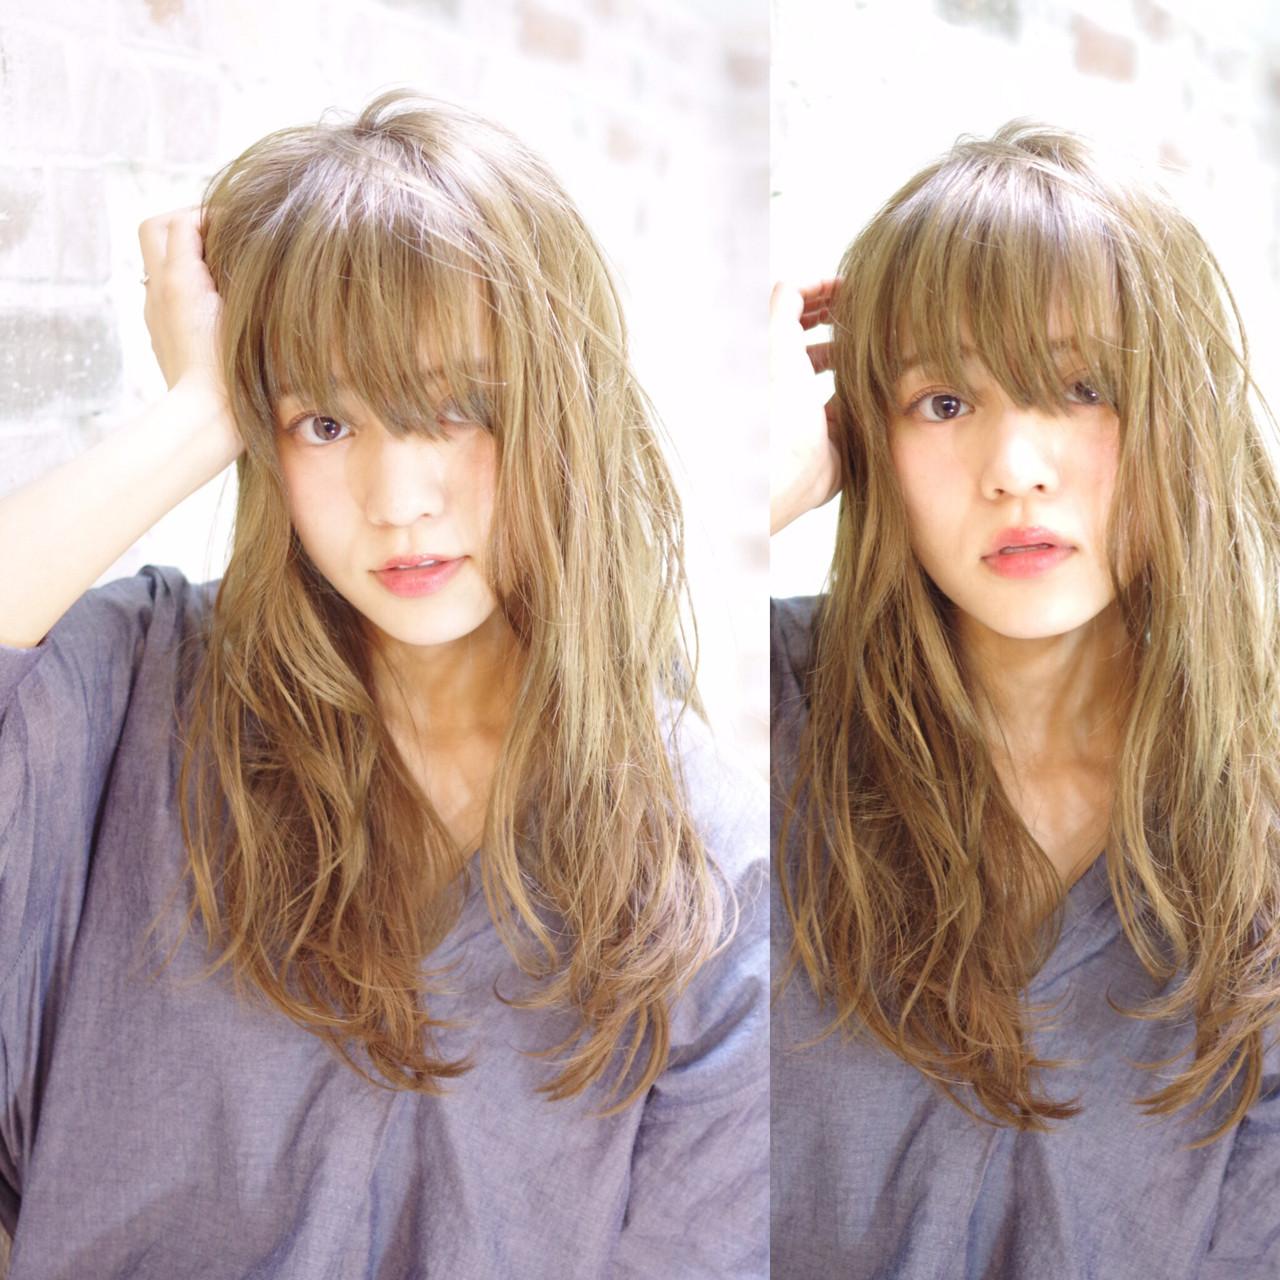 モード 外国人風 ピュア かっこいい ヘアスタイルや髪型の写真・画像   西川 賢一 blast / blast